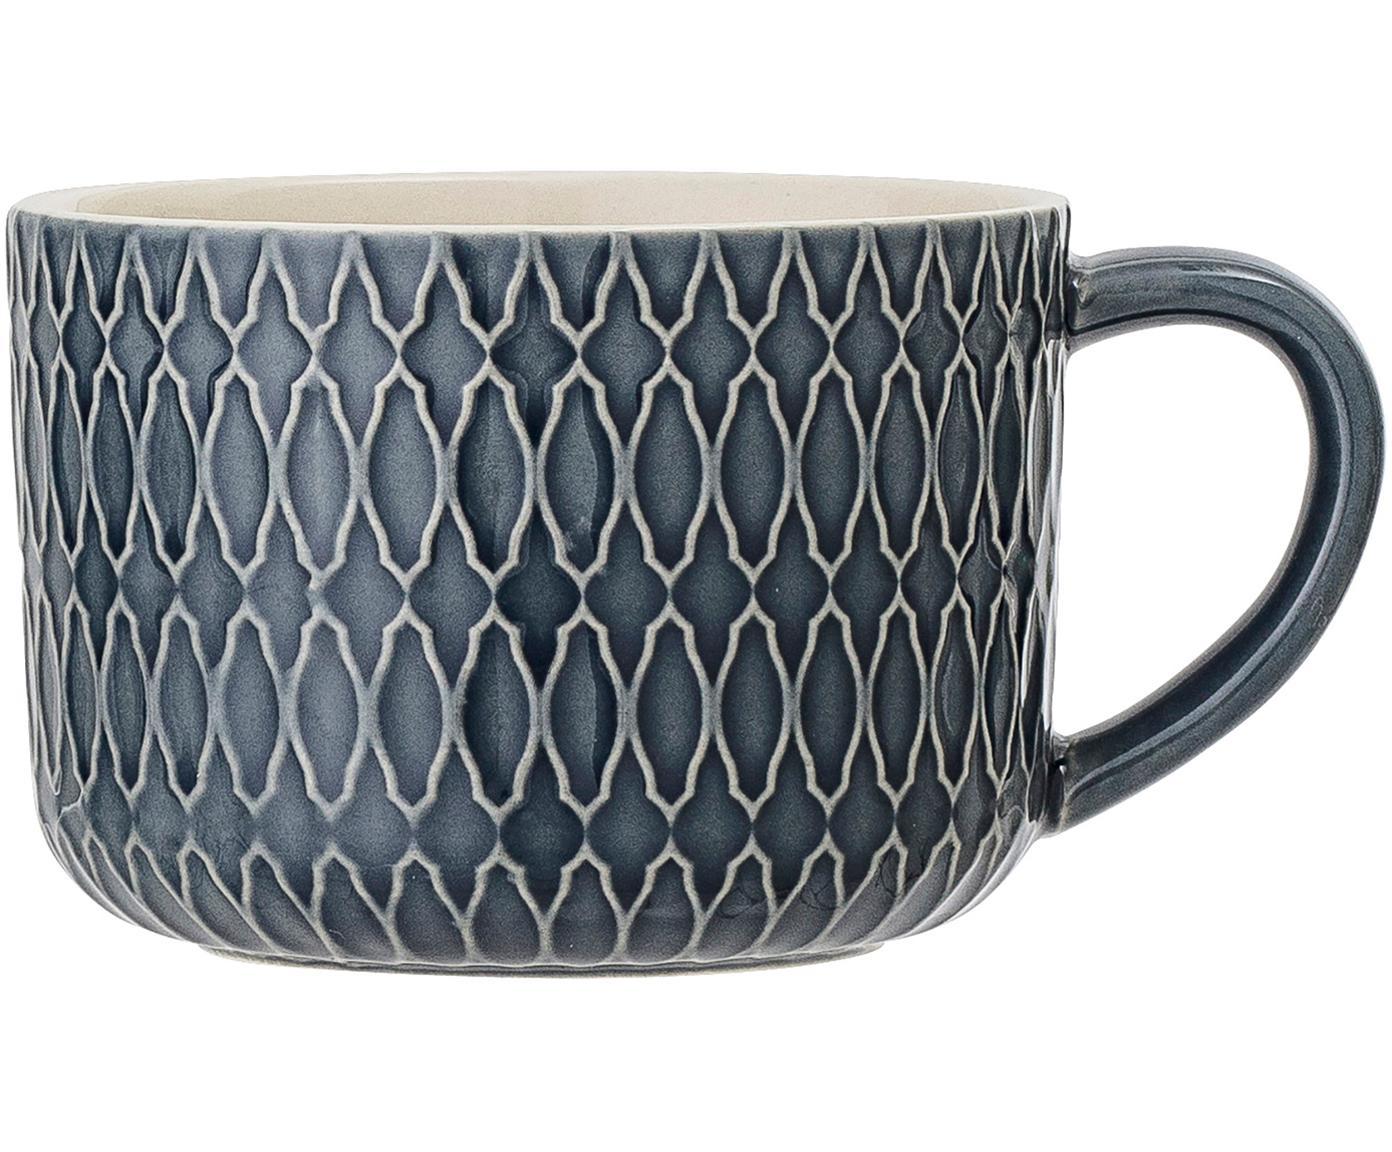 Gemusterte Tassen Naomi in Dunkelblau, 4 Stück, Steingut, Blau, Weiß, Ø 10 x H 7 cm